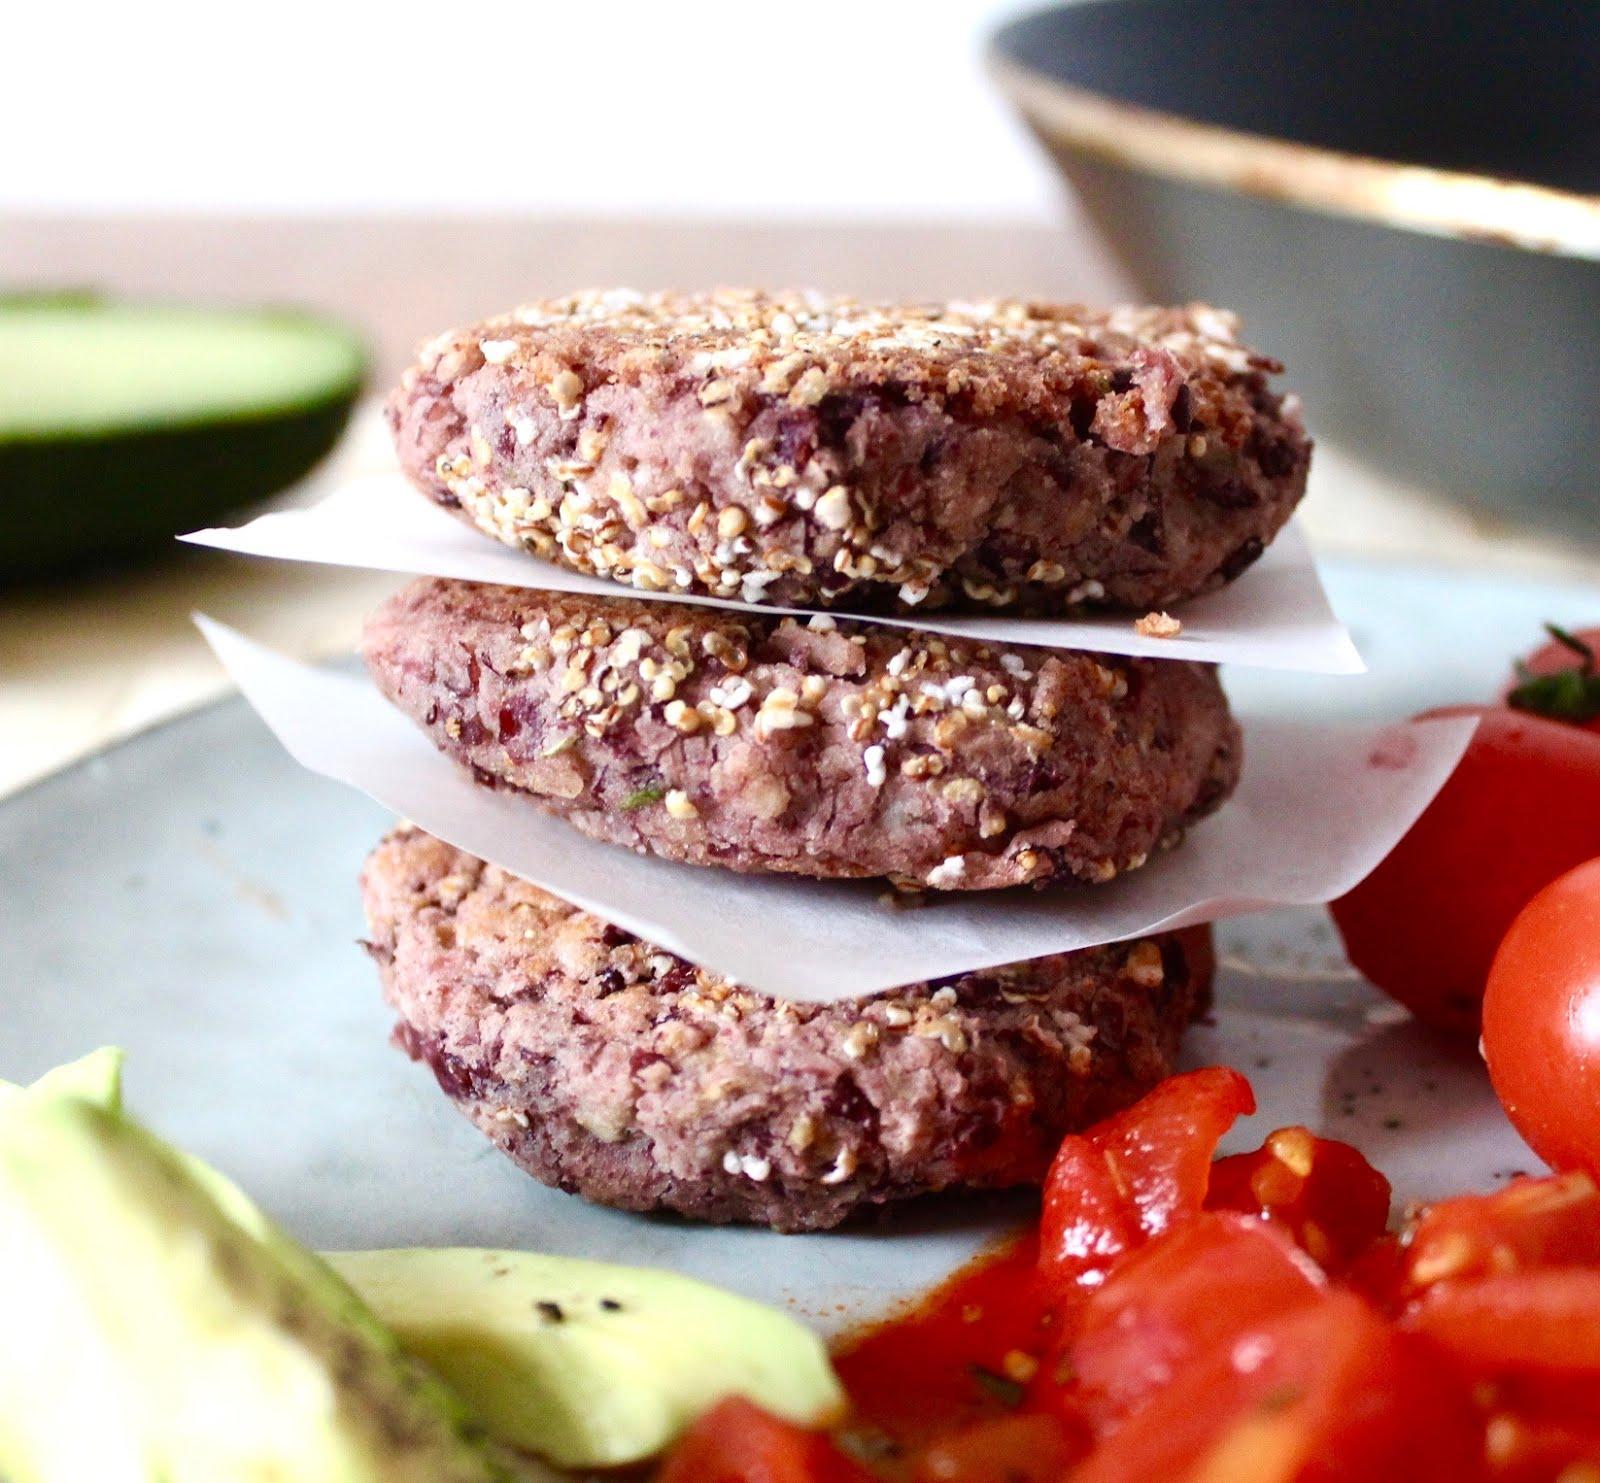 veganer kuchen mit kidneybohnen beliebte rezepte von urlaub kuchen foto blog. Black Bedroom Furniture Sets. Home Design Ideas